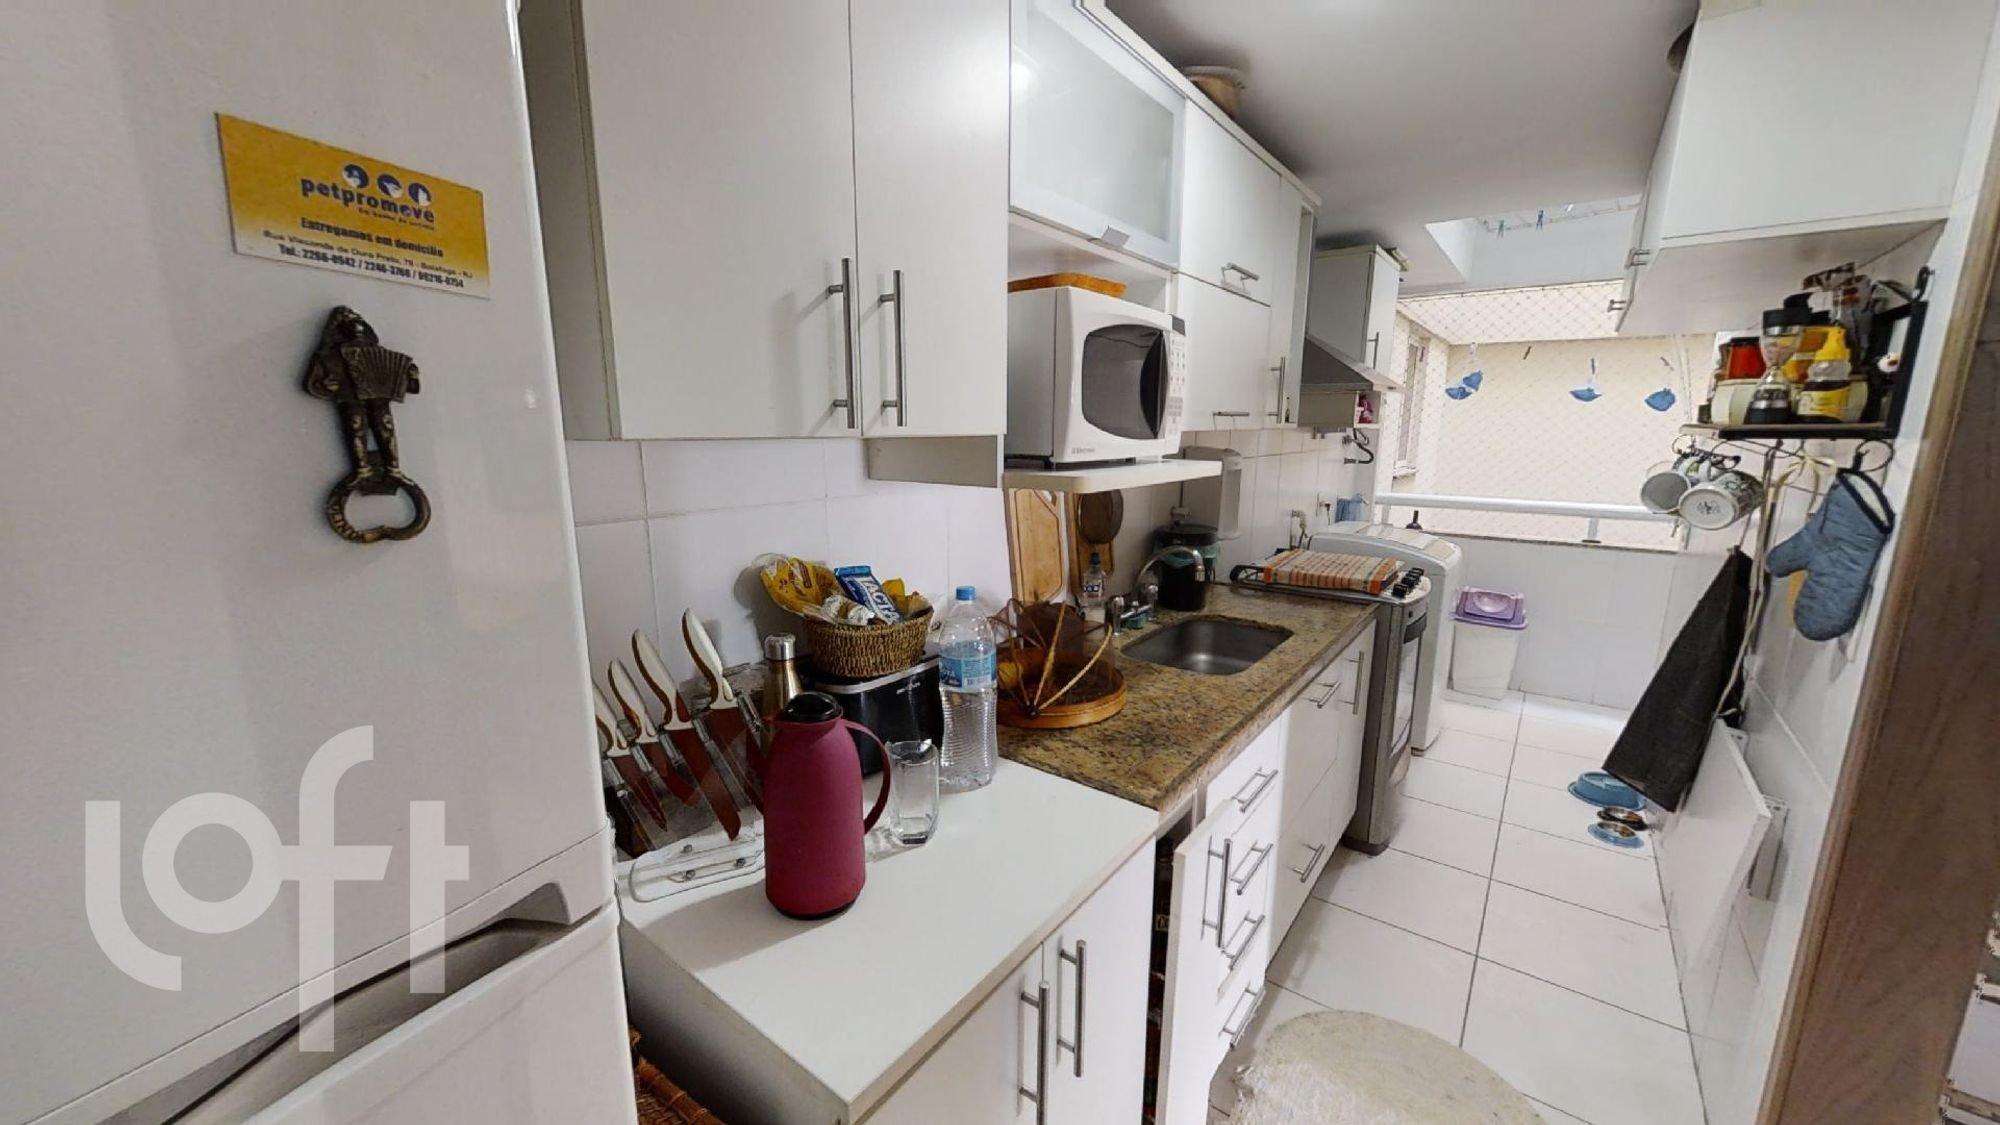 Foto de Cozinha com faca, pia, microondas